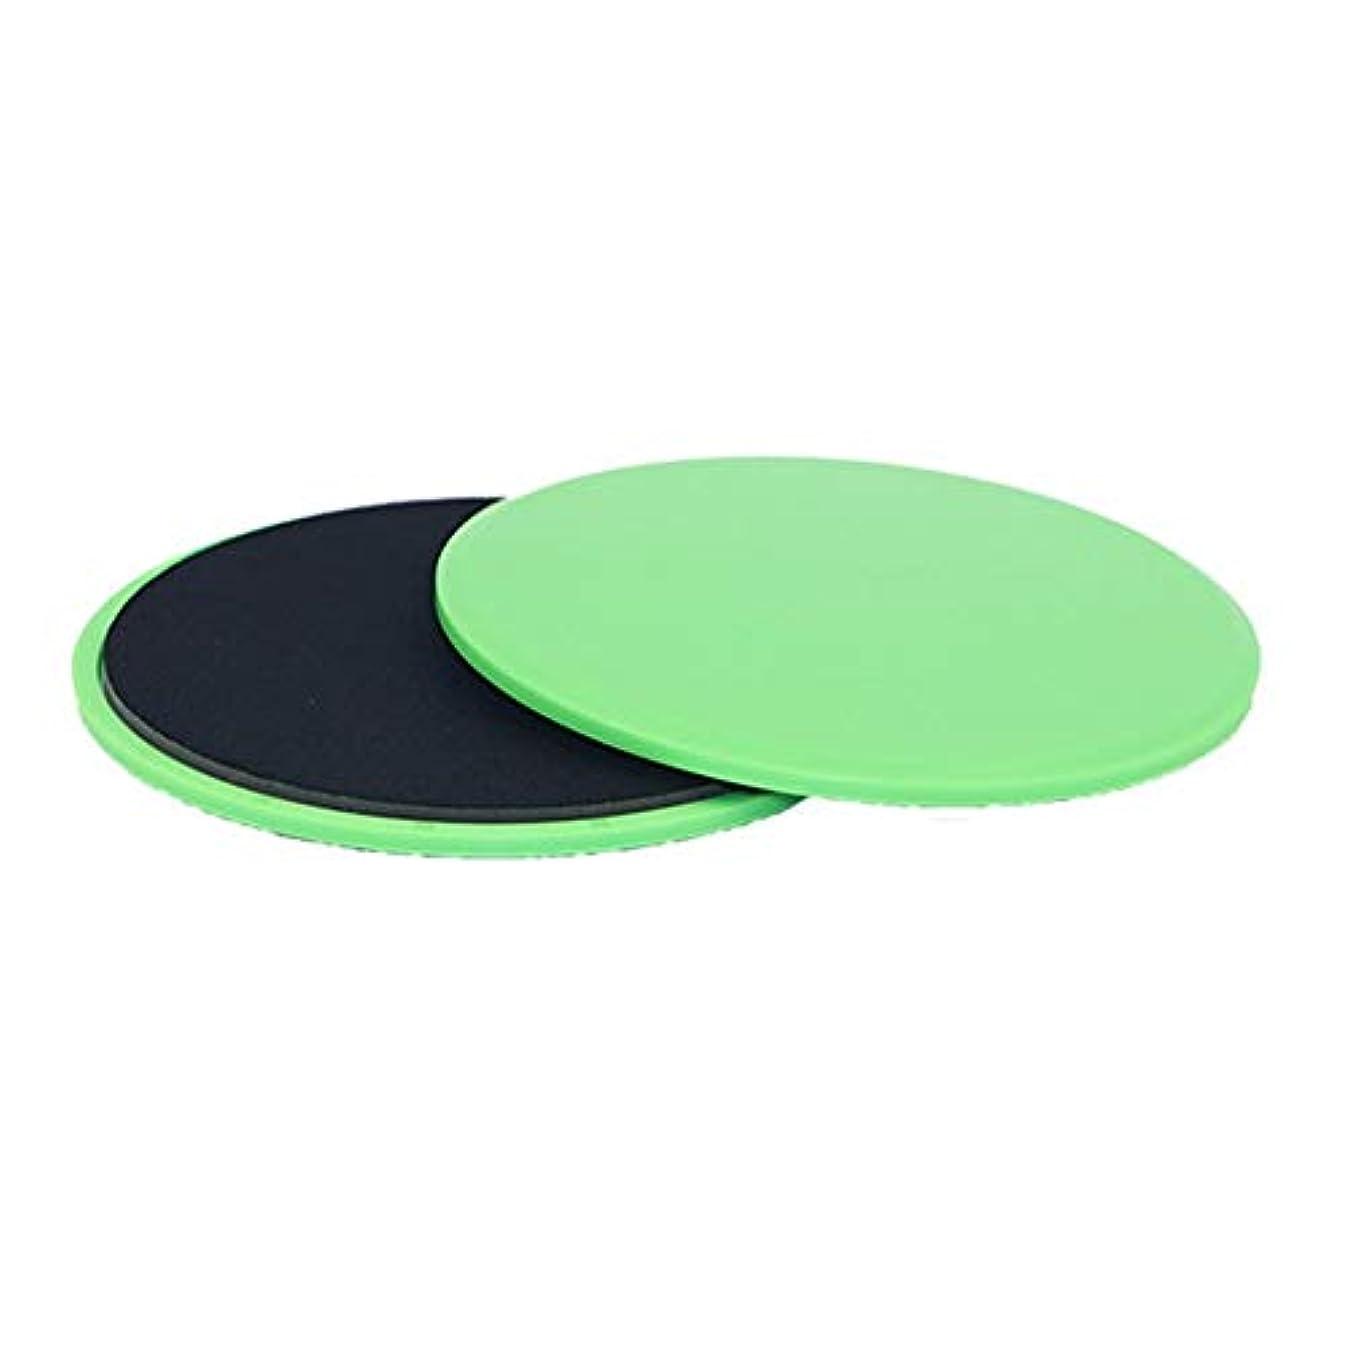 見つけた刃インペリアルフィットネススライドグライディングディスクコーディネーション能力フィットネスエクササイズスライダーコアトレーニング用腹部と全身トレーニング - グリーン